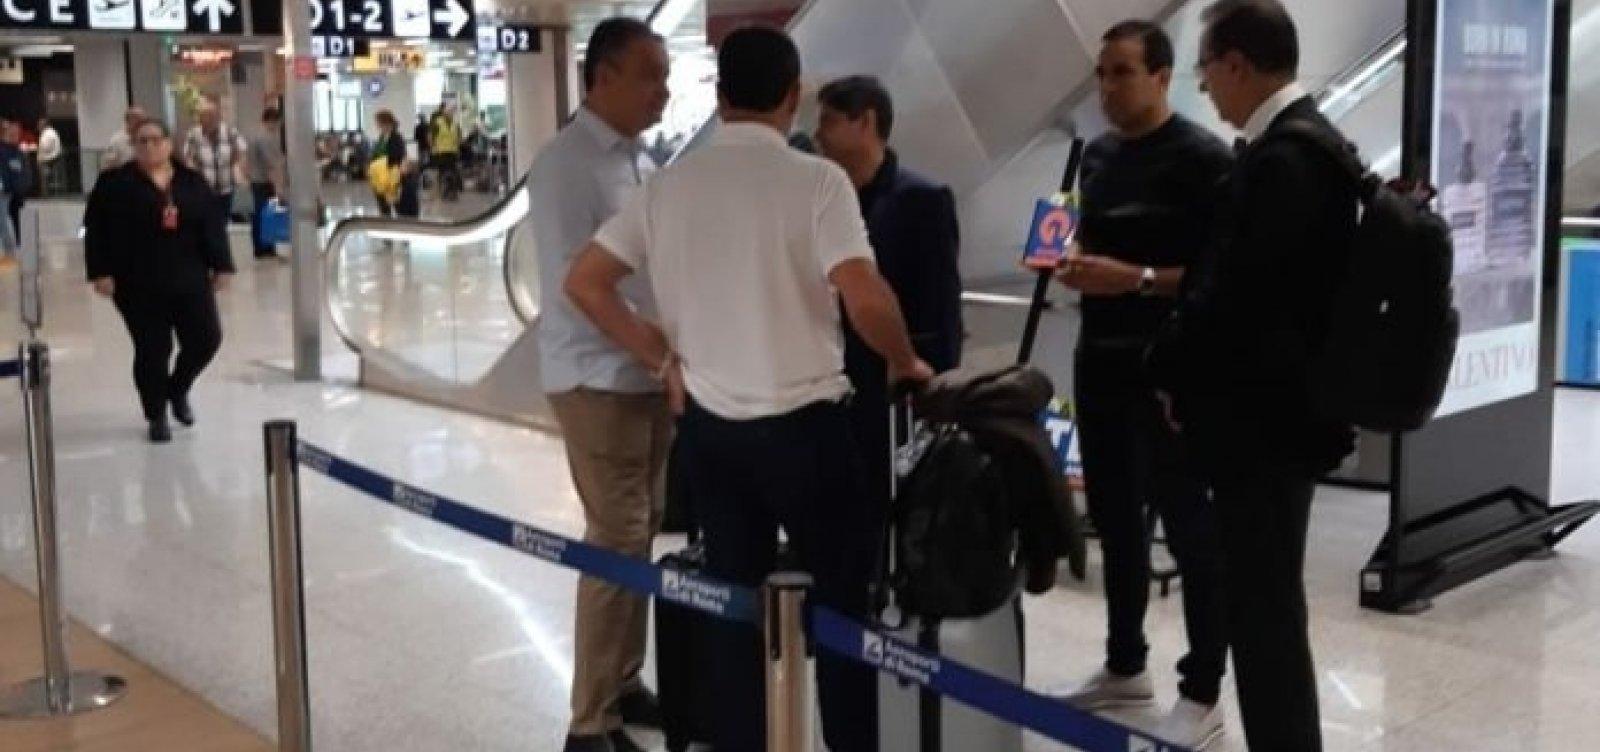 Após canonização de Irmã Dulce, Rui e ACM Neto batem papo em aeroporto